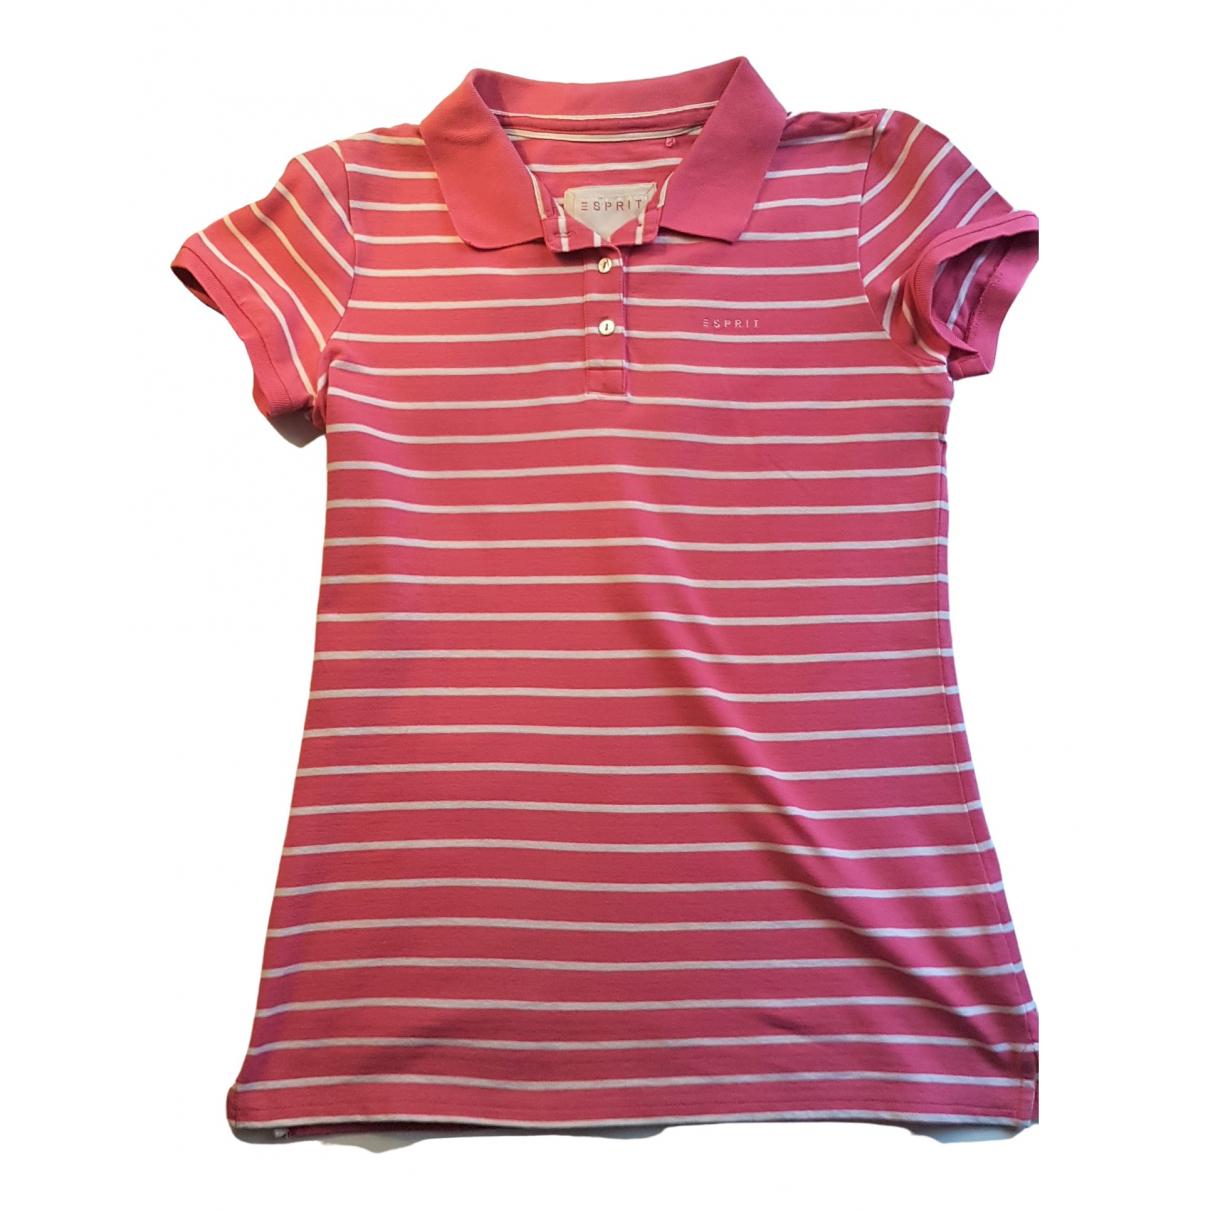 Esprit - Top   pour femme en coton - multicolore